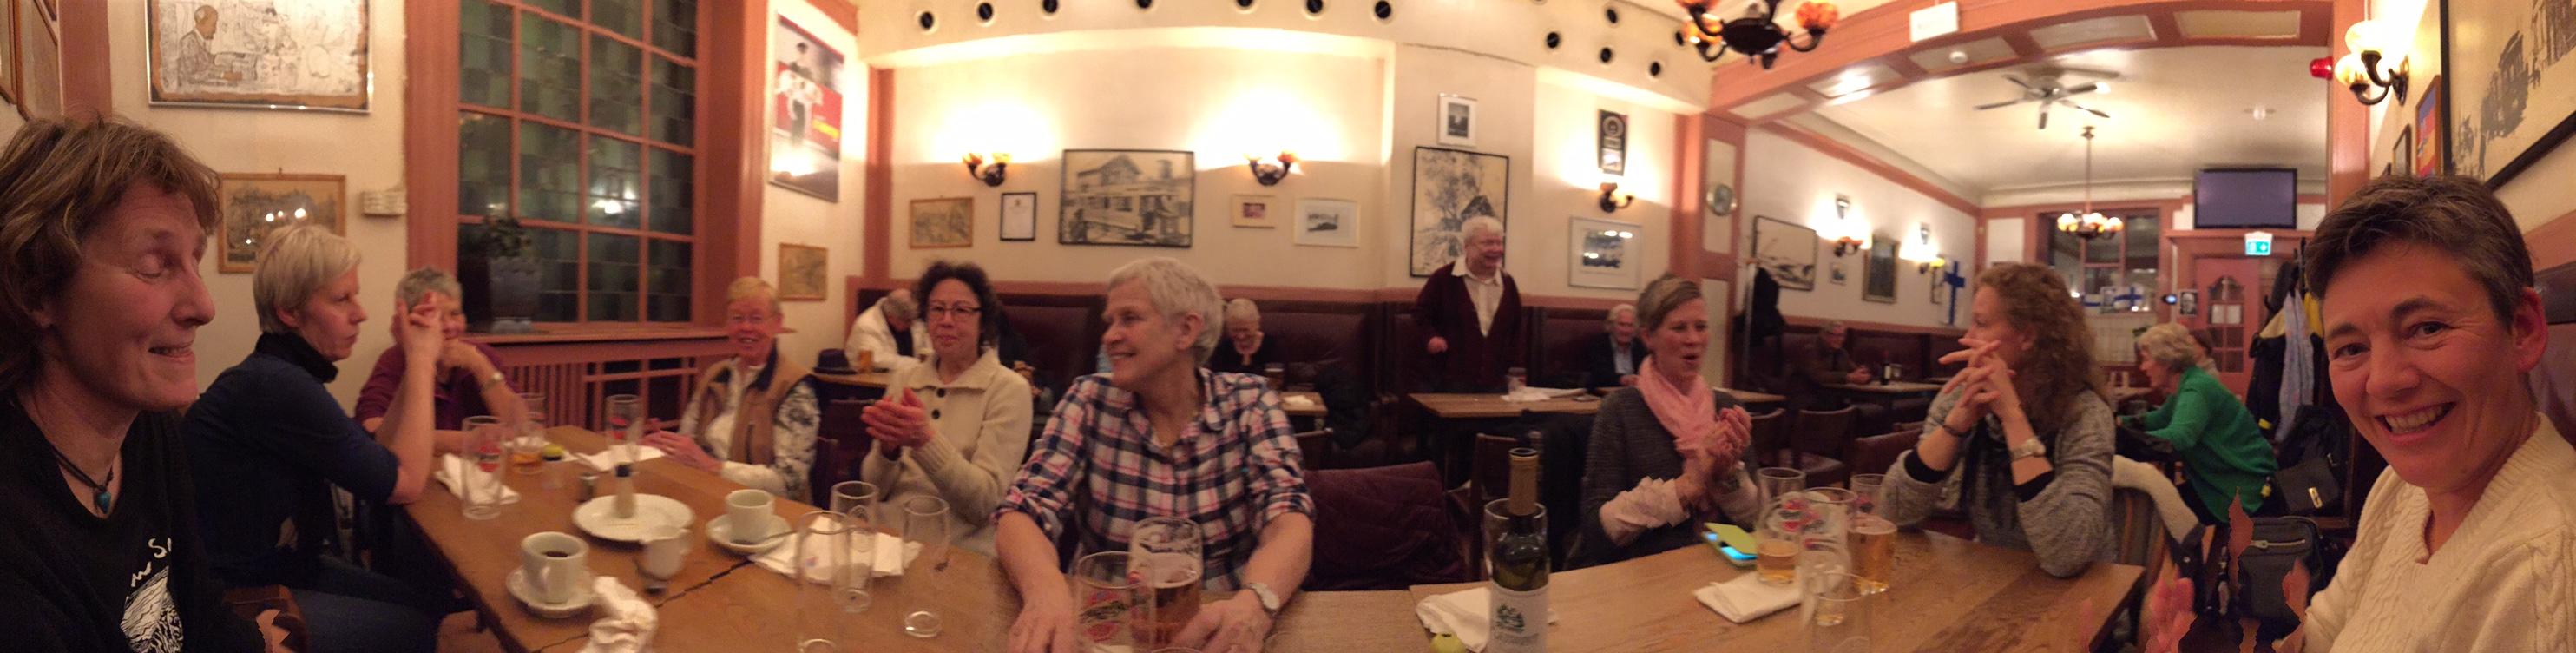 Hygge med LT fra venstre mot høyre: Inger, Margrethe, Ragnhild, Turid, Martha, den syngende mann på nabobordet, Ann-Helen, Sussie og Rine. (Foto: Nina Didriksen)